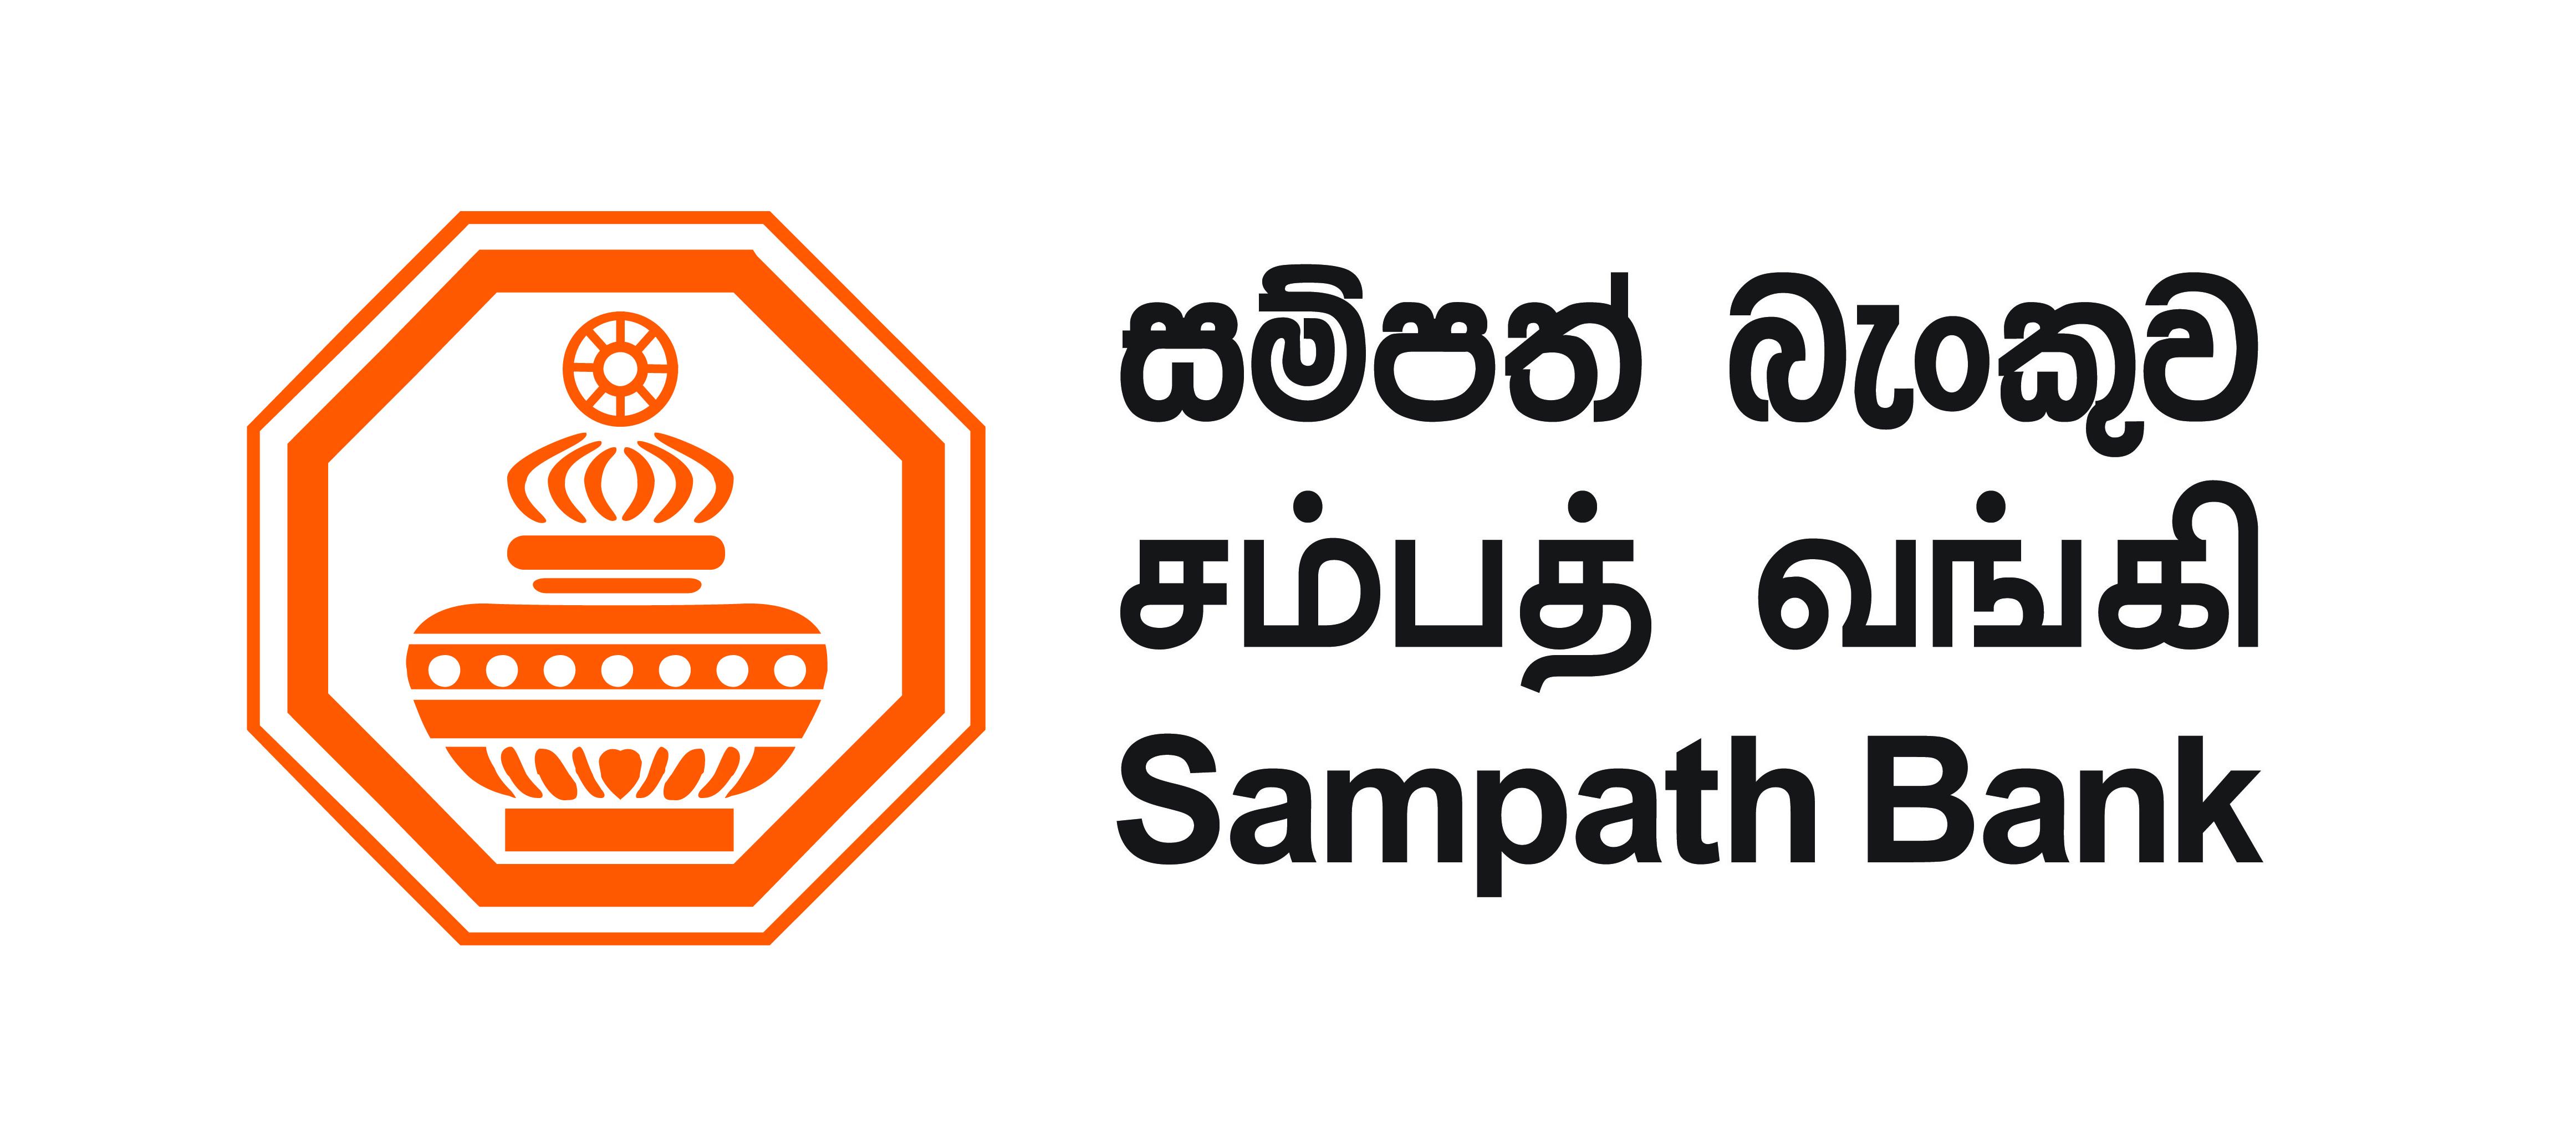 Sampath Bank